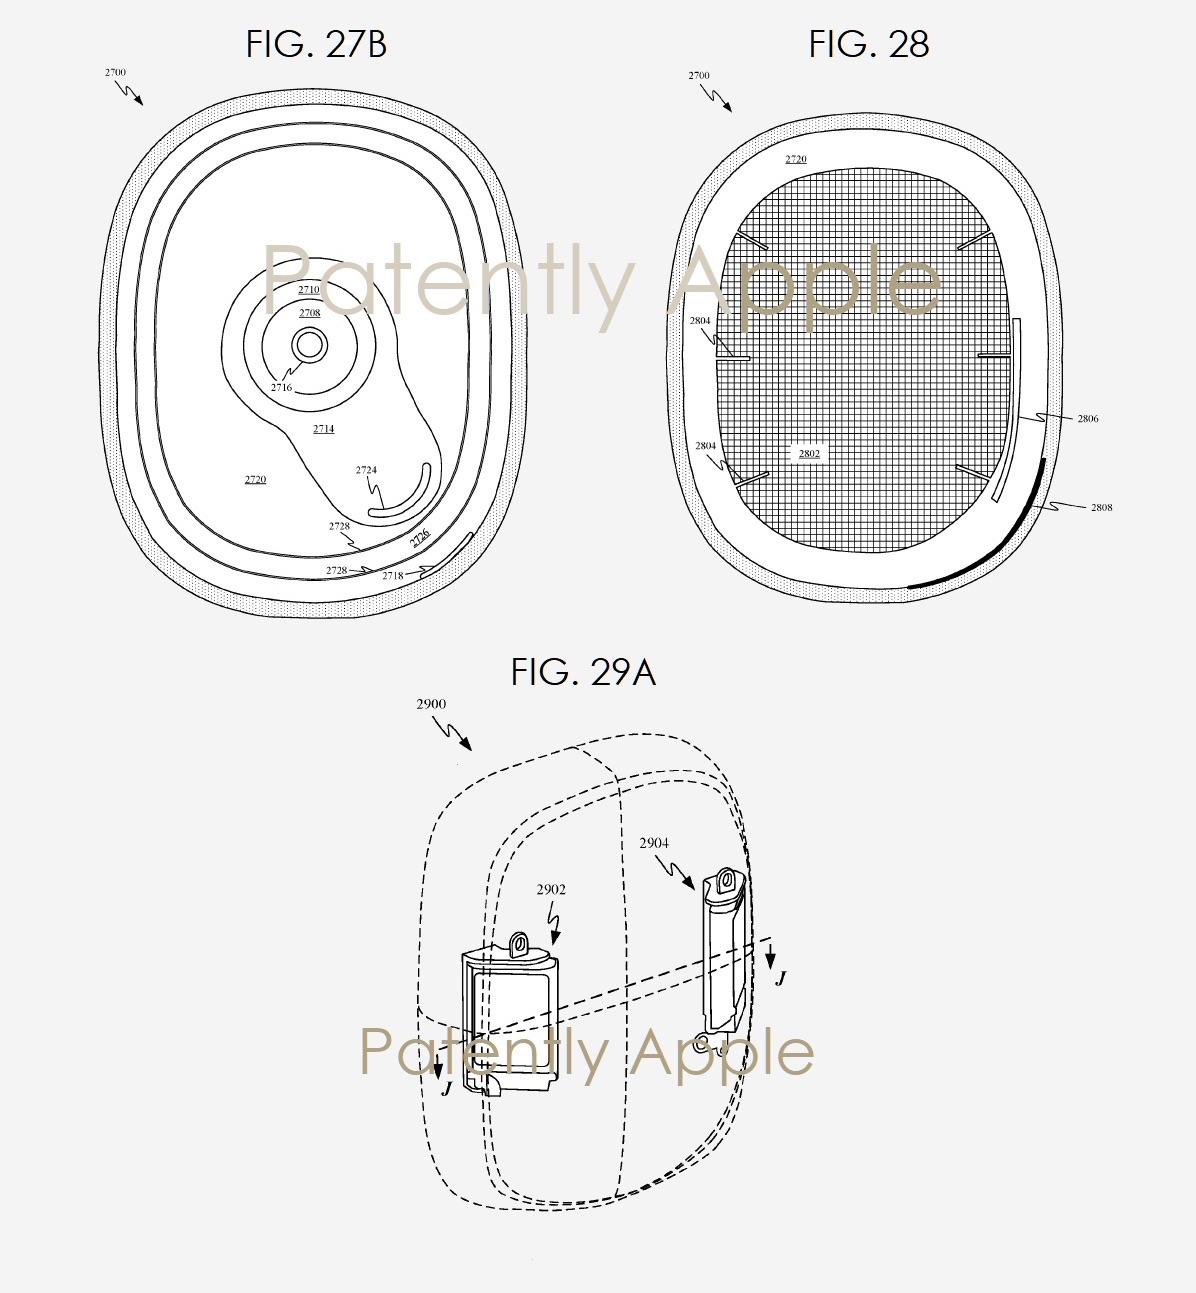 Apple koptelefoon met aanraakbediening in patent.